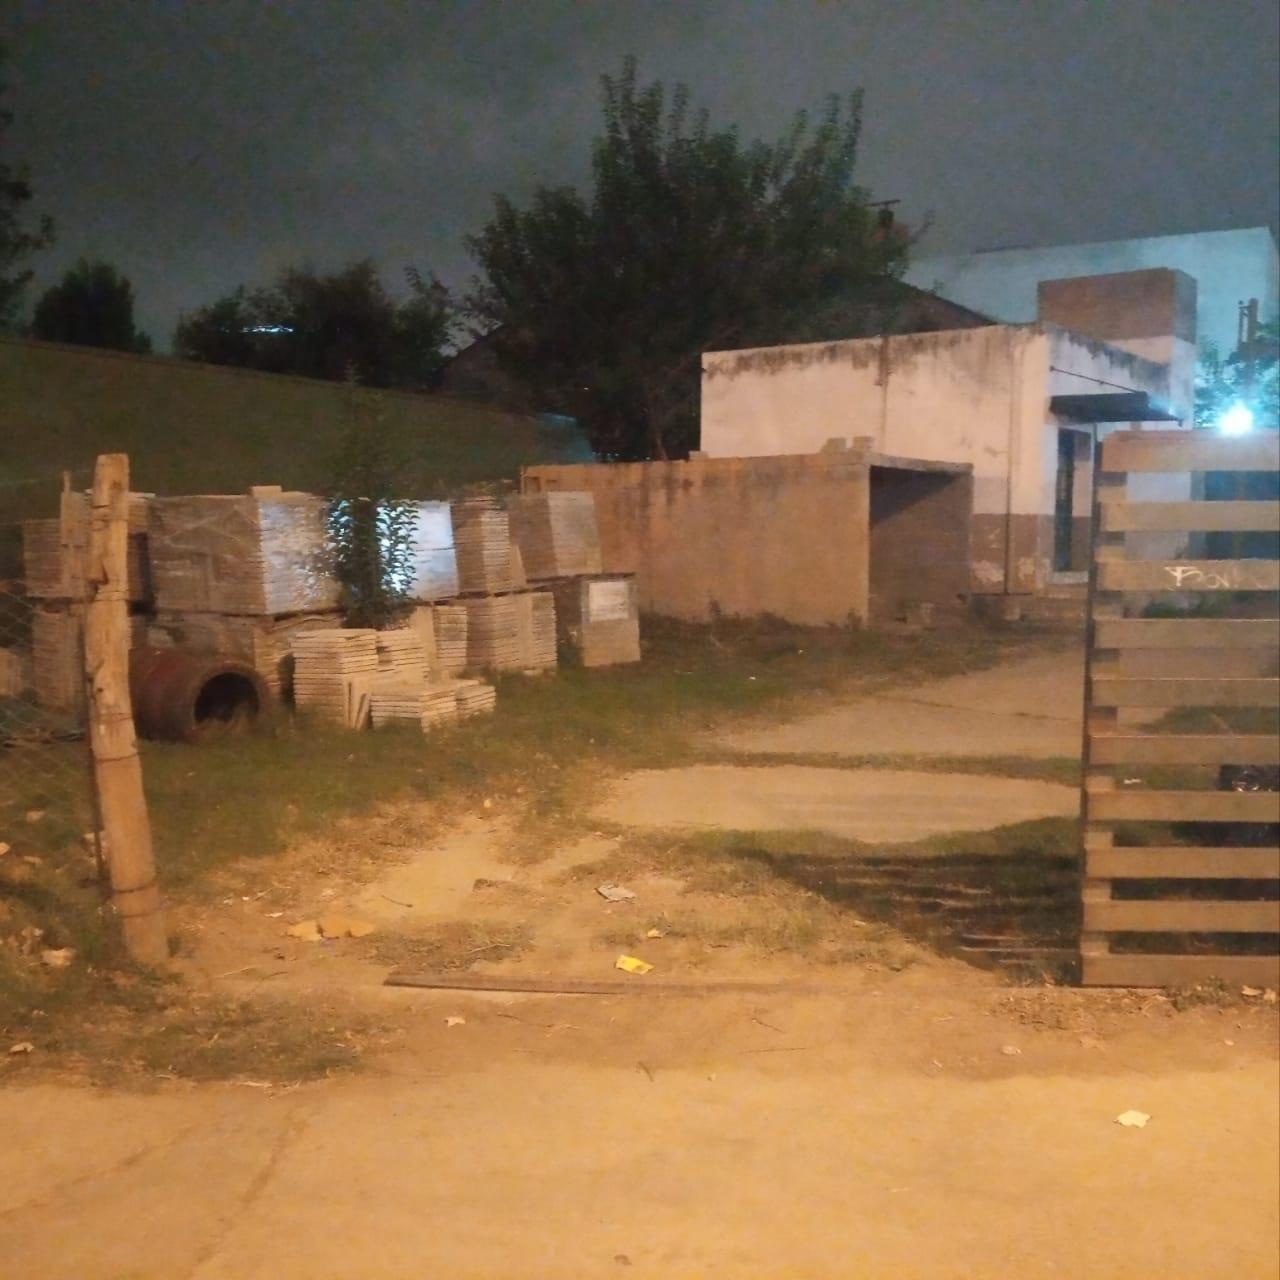 La Policía detuvo a tres ocupas que participaron de una pelea en Las Choperas